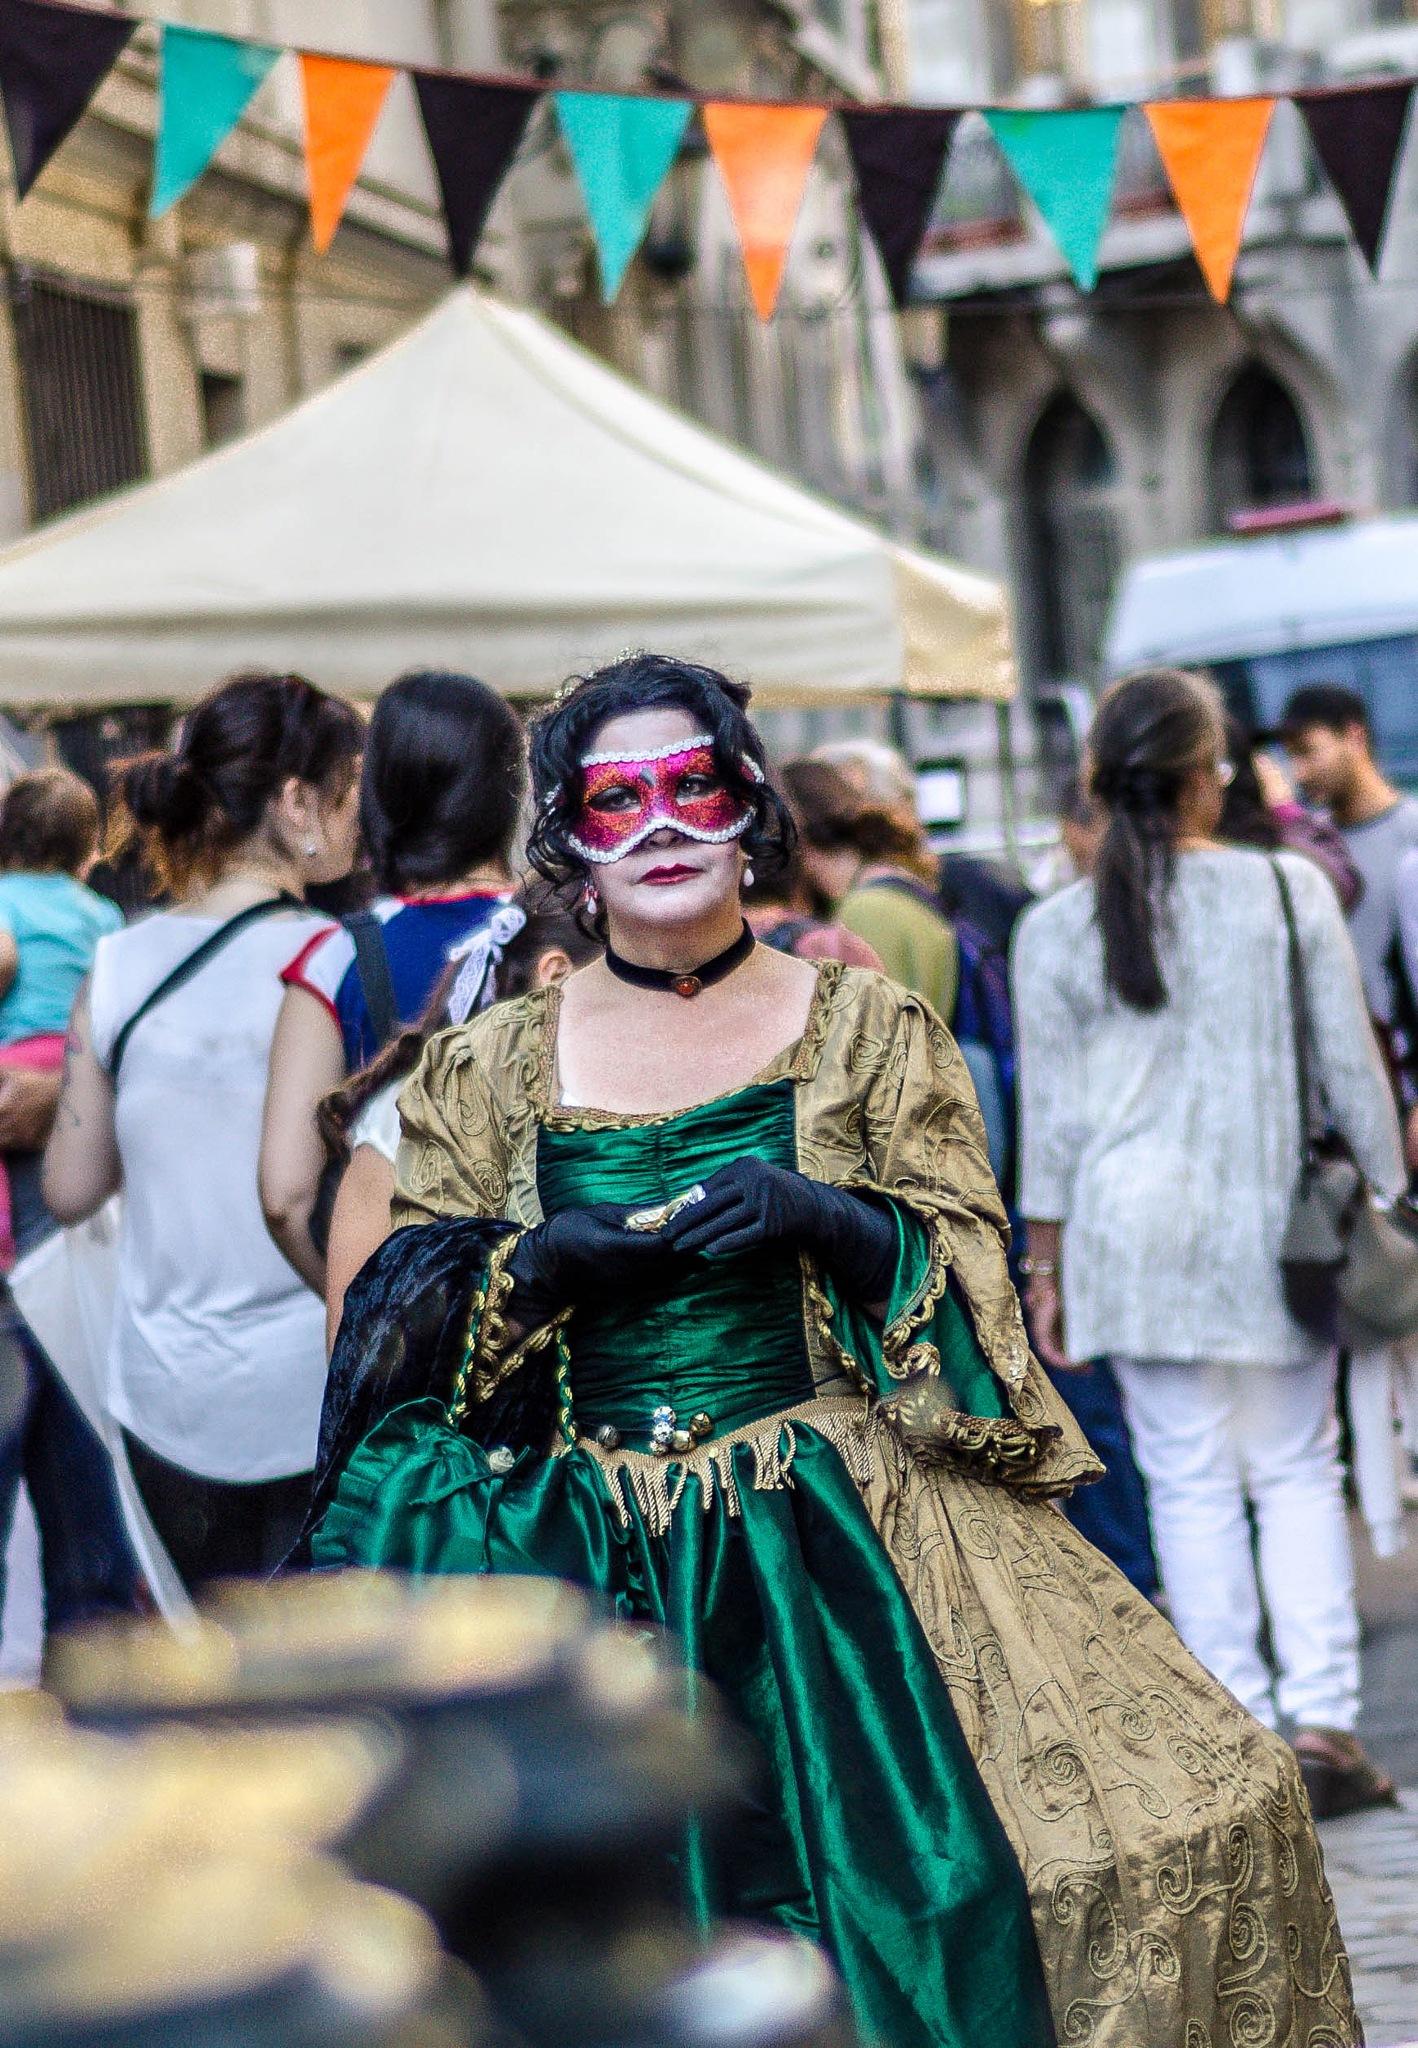 Fiesta de Máscaras by jotazelada